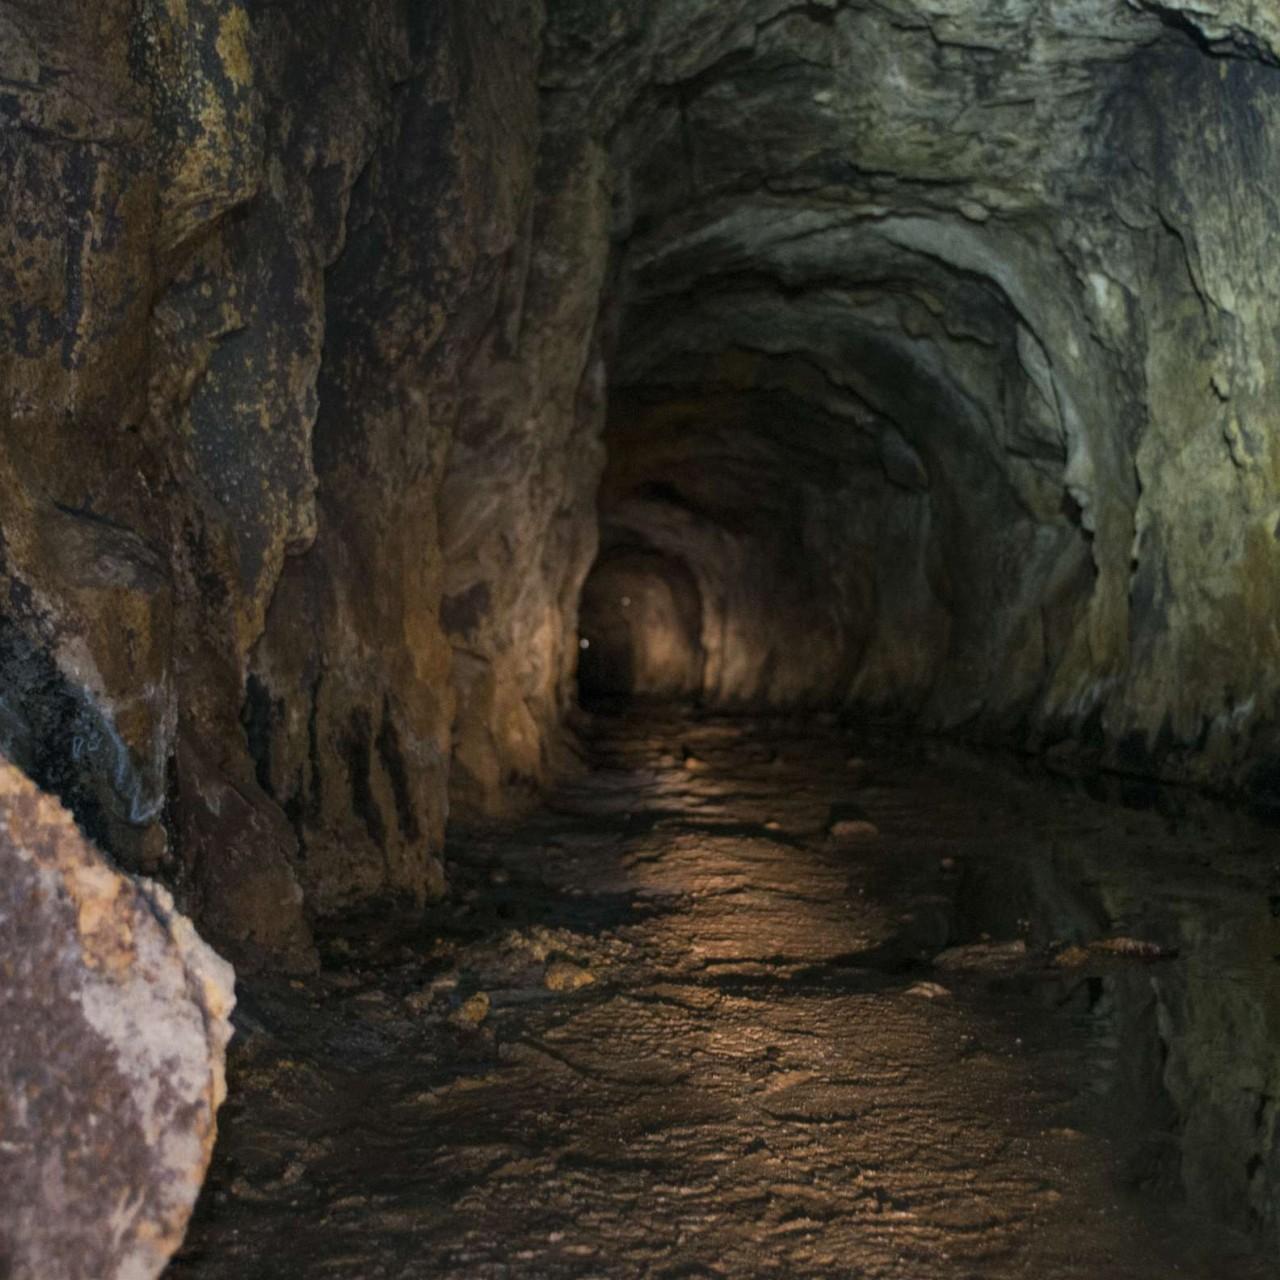 Inside Hong Kong's abandoned mines | South China Morning Post